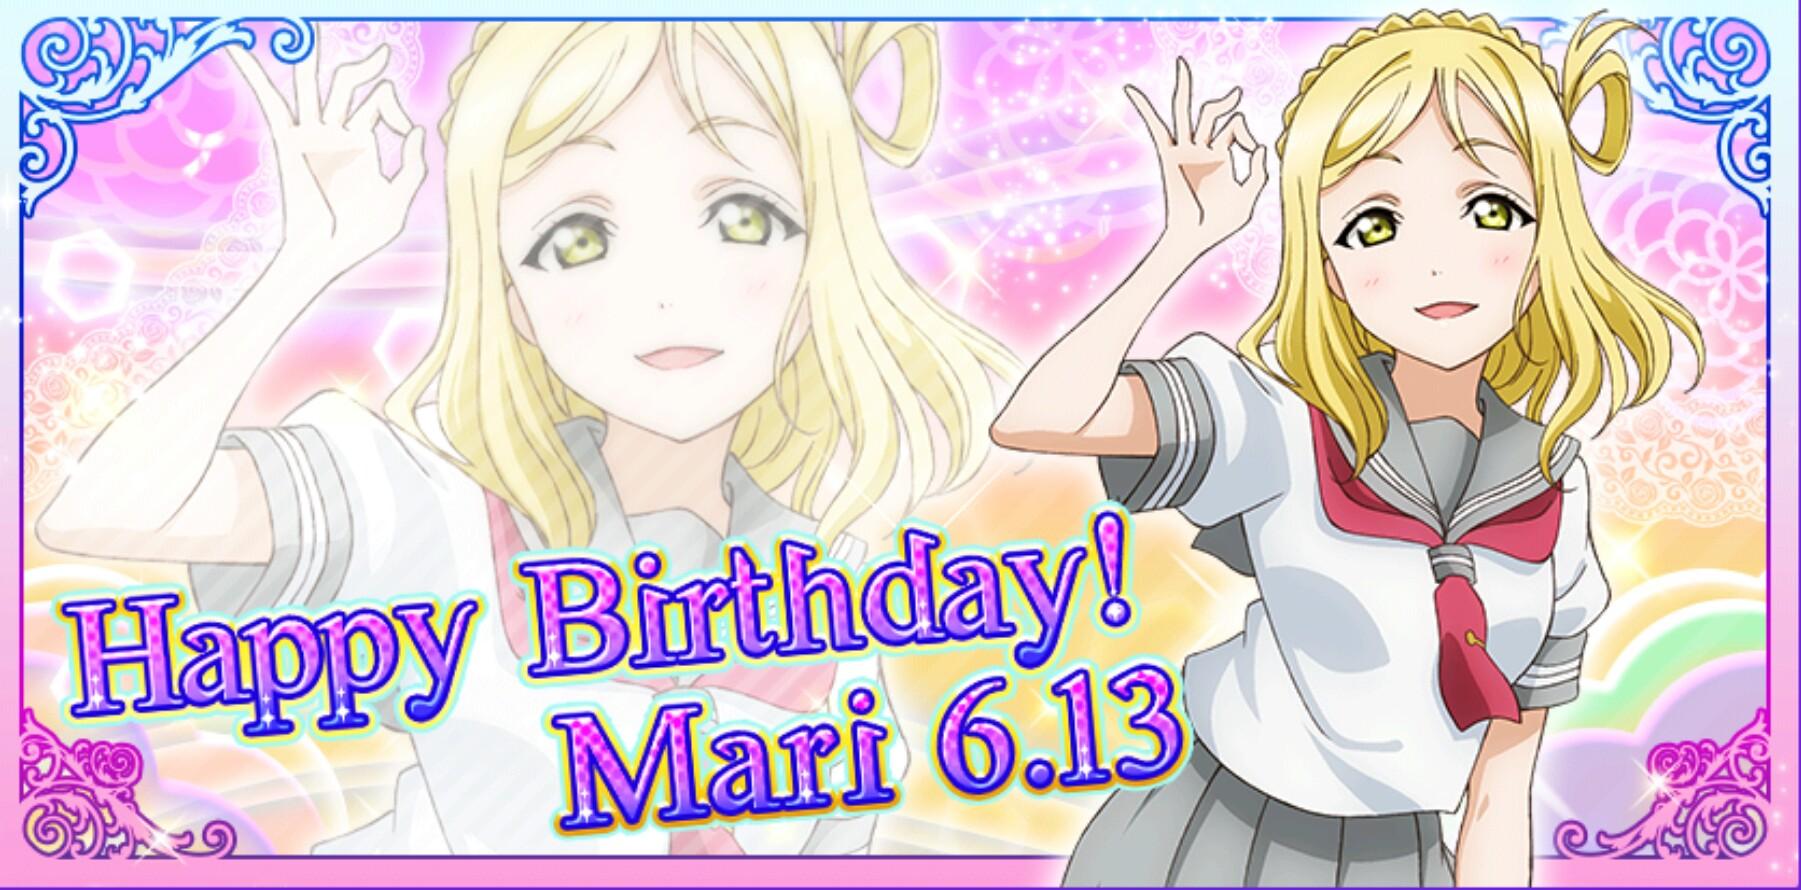 러브라이브 - 6월 13일은 오하라 마리의 생일입니다!